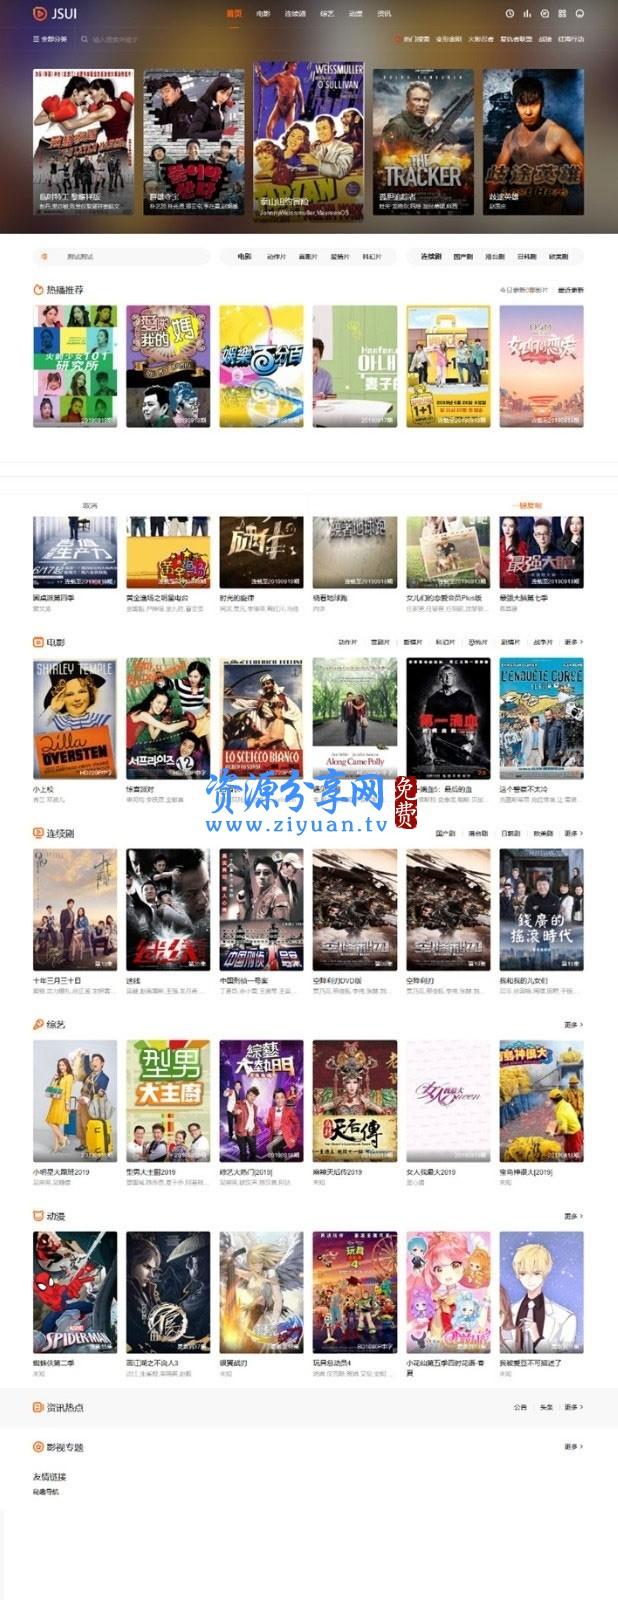 苹果 cmsV10 秘趣在线影视视频网站源码